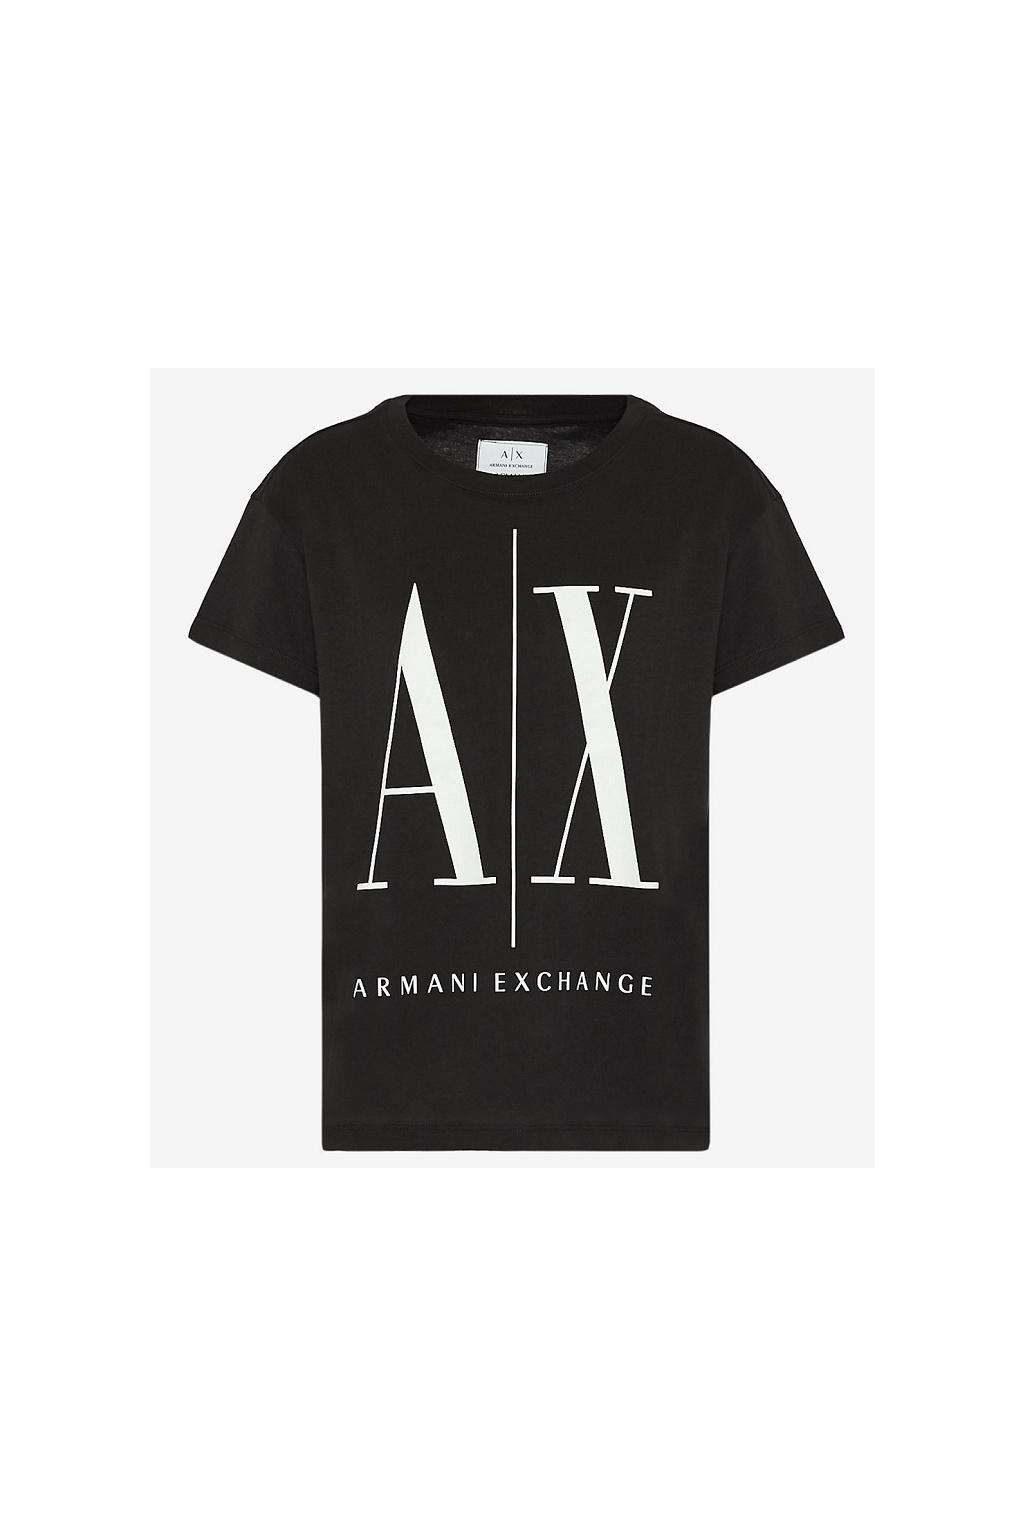 8NYTCX YJG3Z Dámské tričko Armani Exchange černé